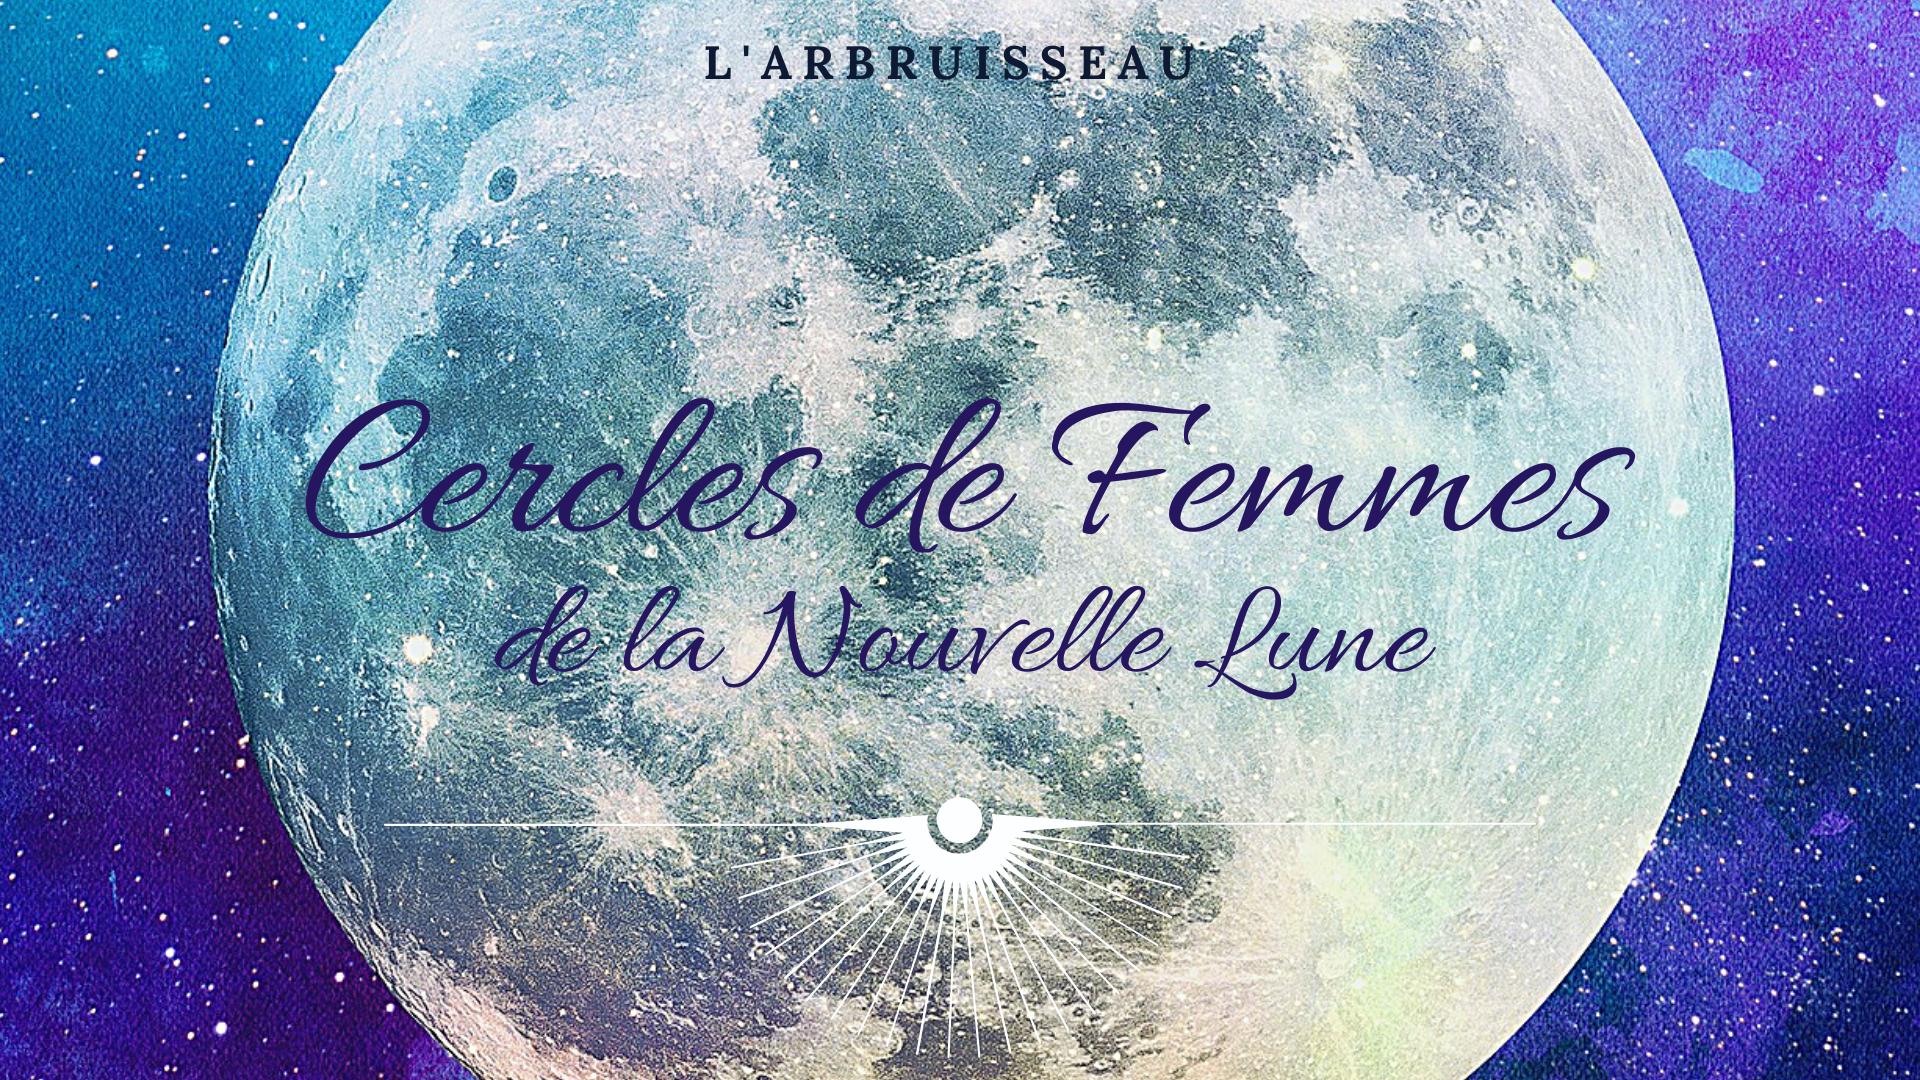 Cercle de Femmes de la Nouvelle Lune